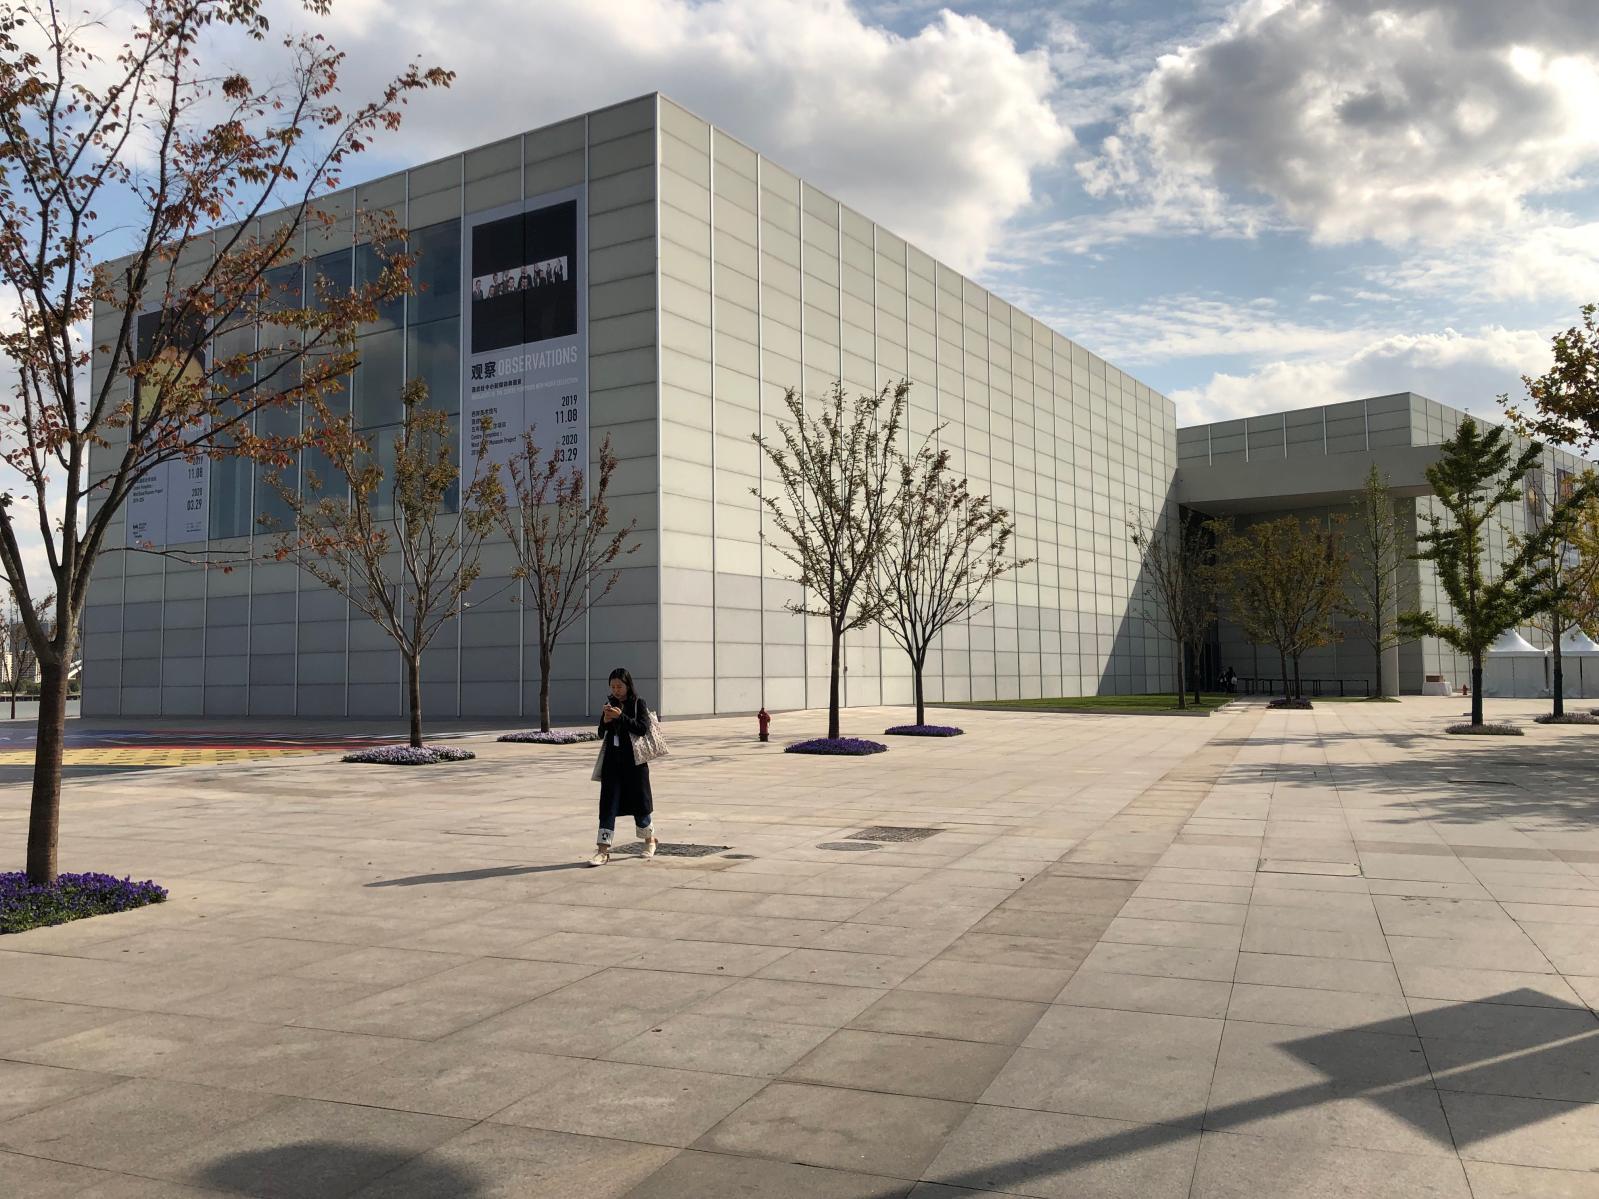 Le West Bund Museum, signé David Chipperfield Architects, accueille le Centre Pompidou Shanghai. © Caroline BOUDEHEN